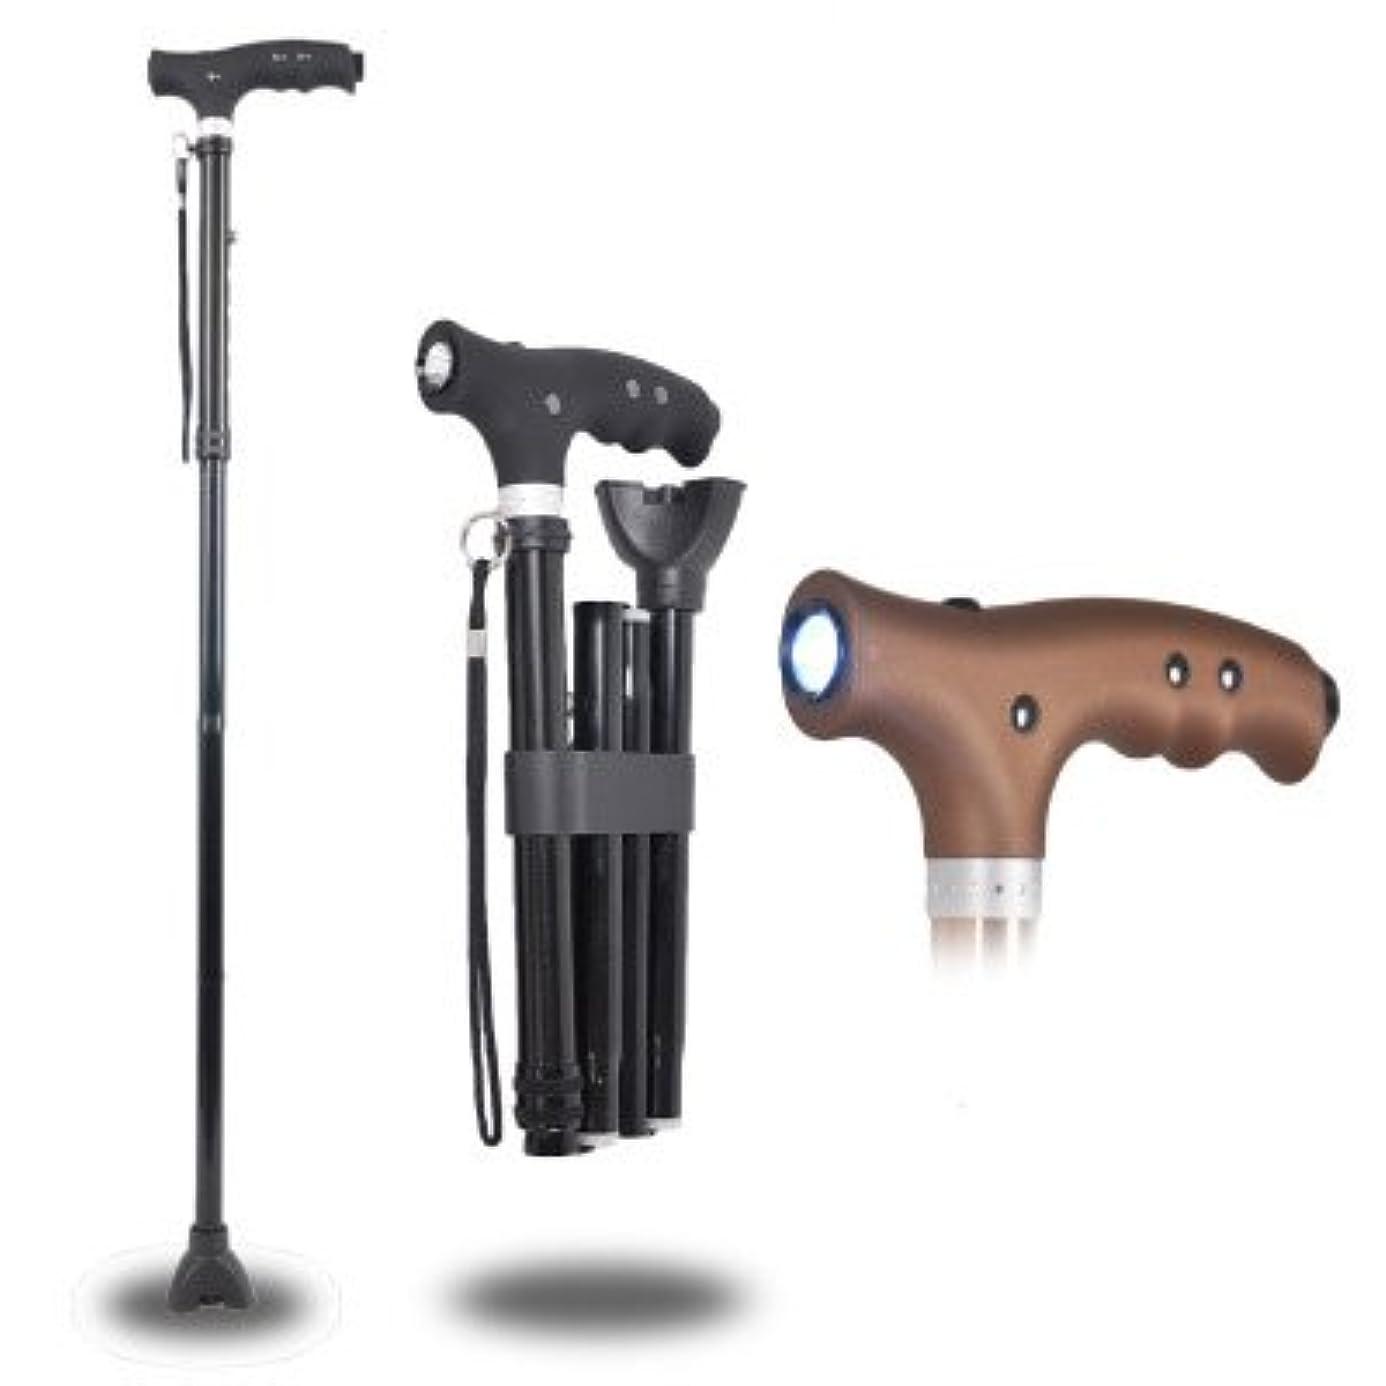 イタリアの靴東方高齢者3脚LEDライトの伸縮マッサージ歩行スティック折りたたみ杖と歩行スティック高さ調節可能な屋外松葉杖アンチスキッドアルミ合金黒85-97センチメートル